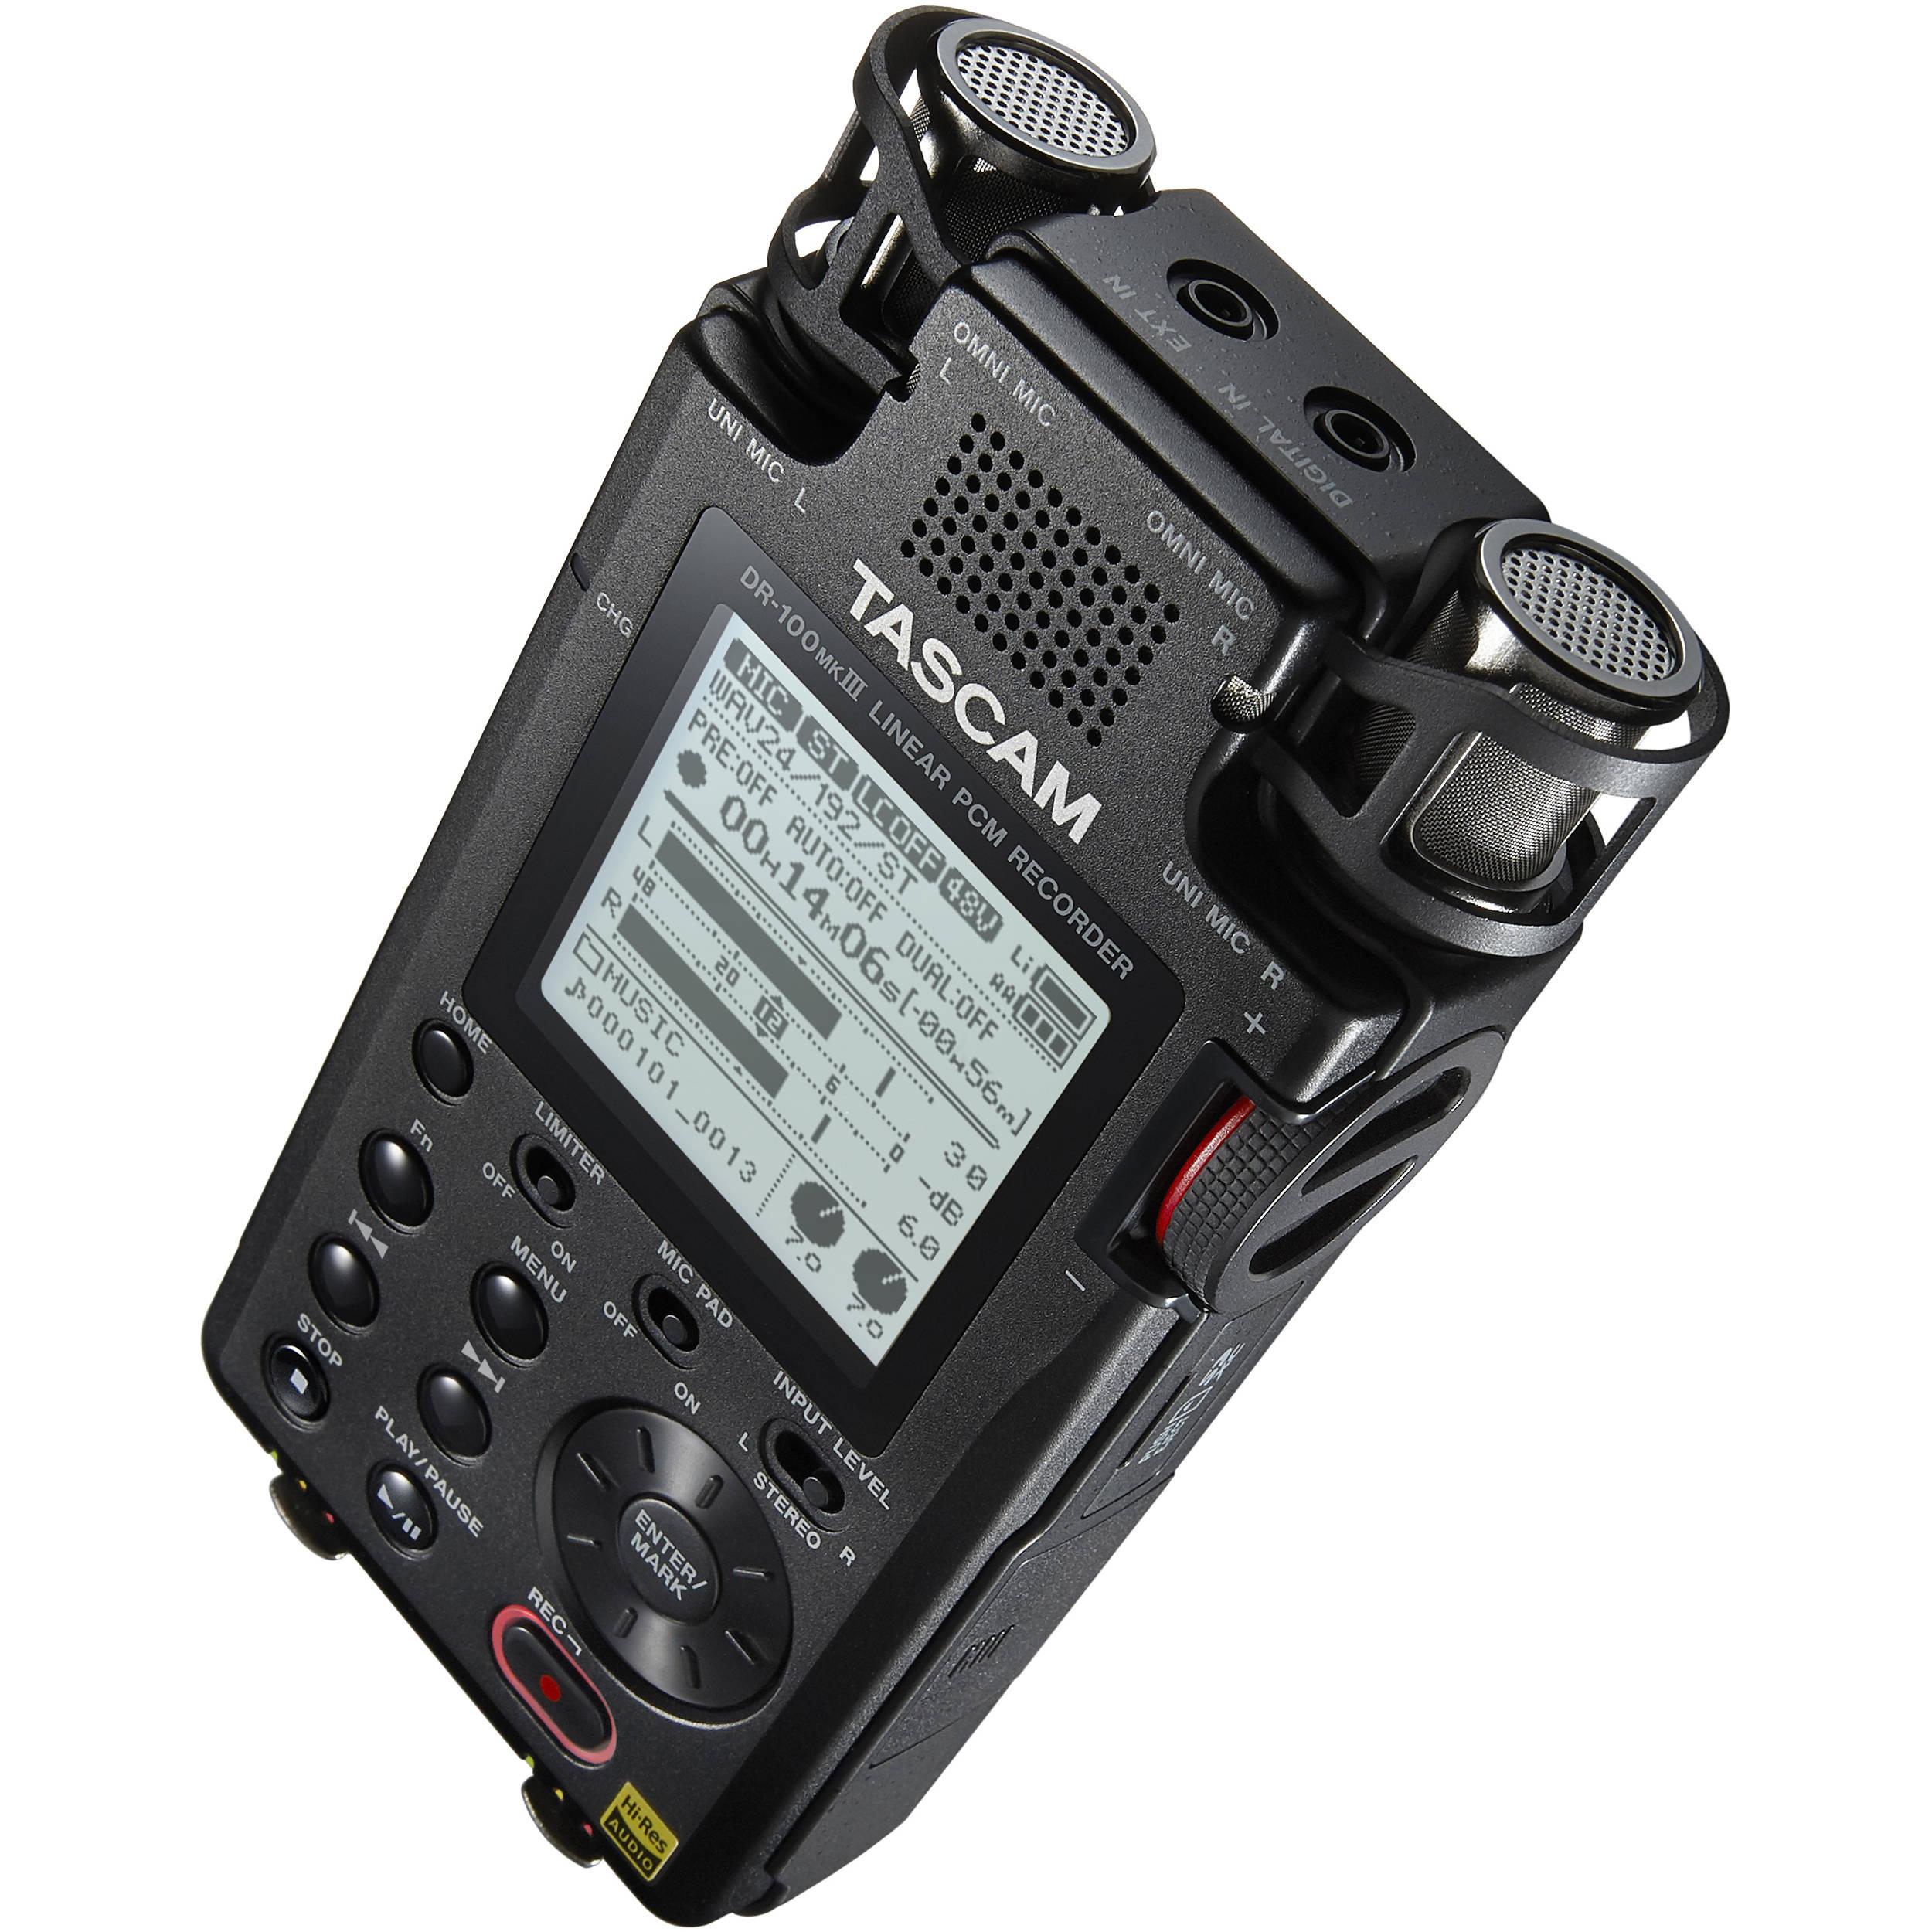 Tascam 24-Bit Stereo Portable